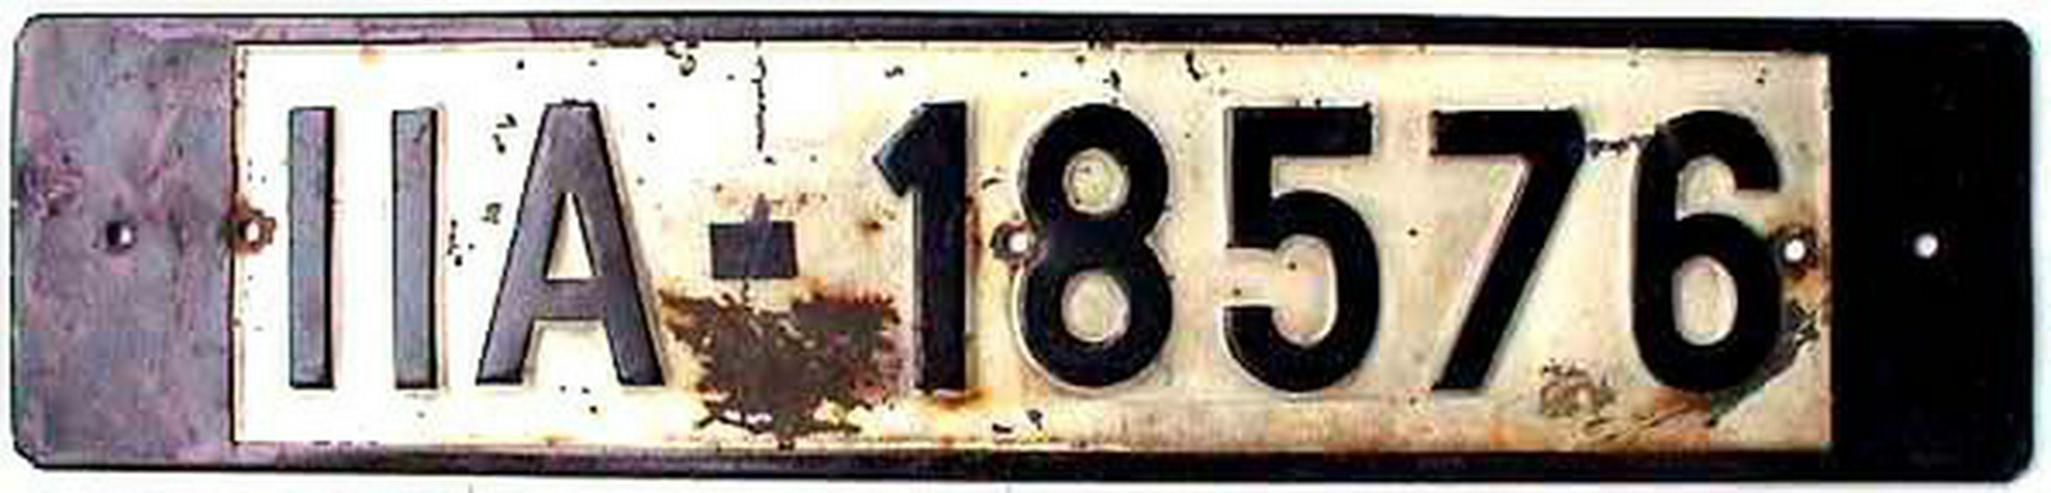 Bild 3: Sammler sucht Autokennzeichen vor 1945 schwarz